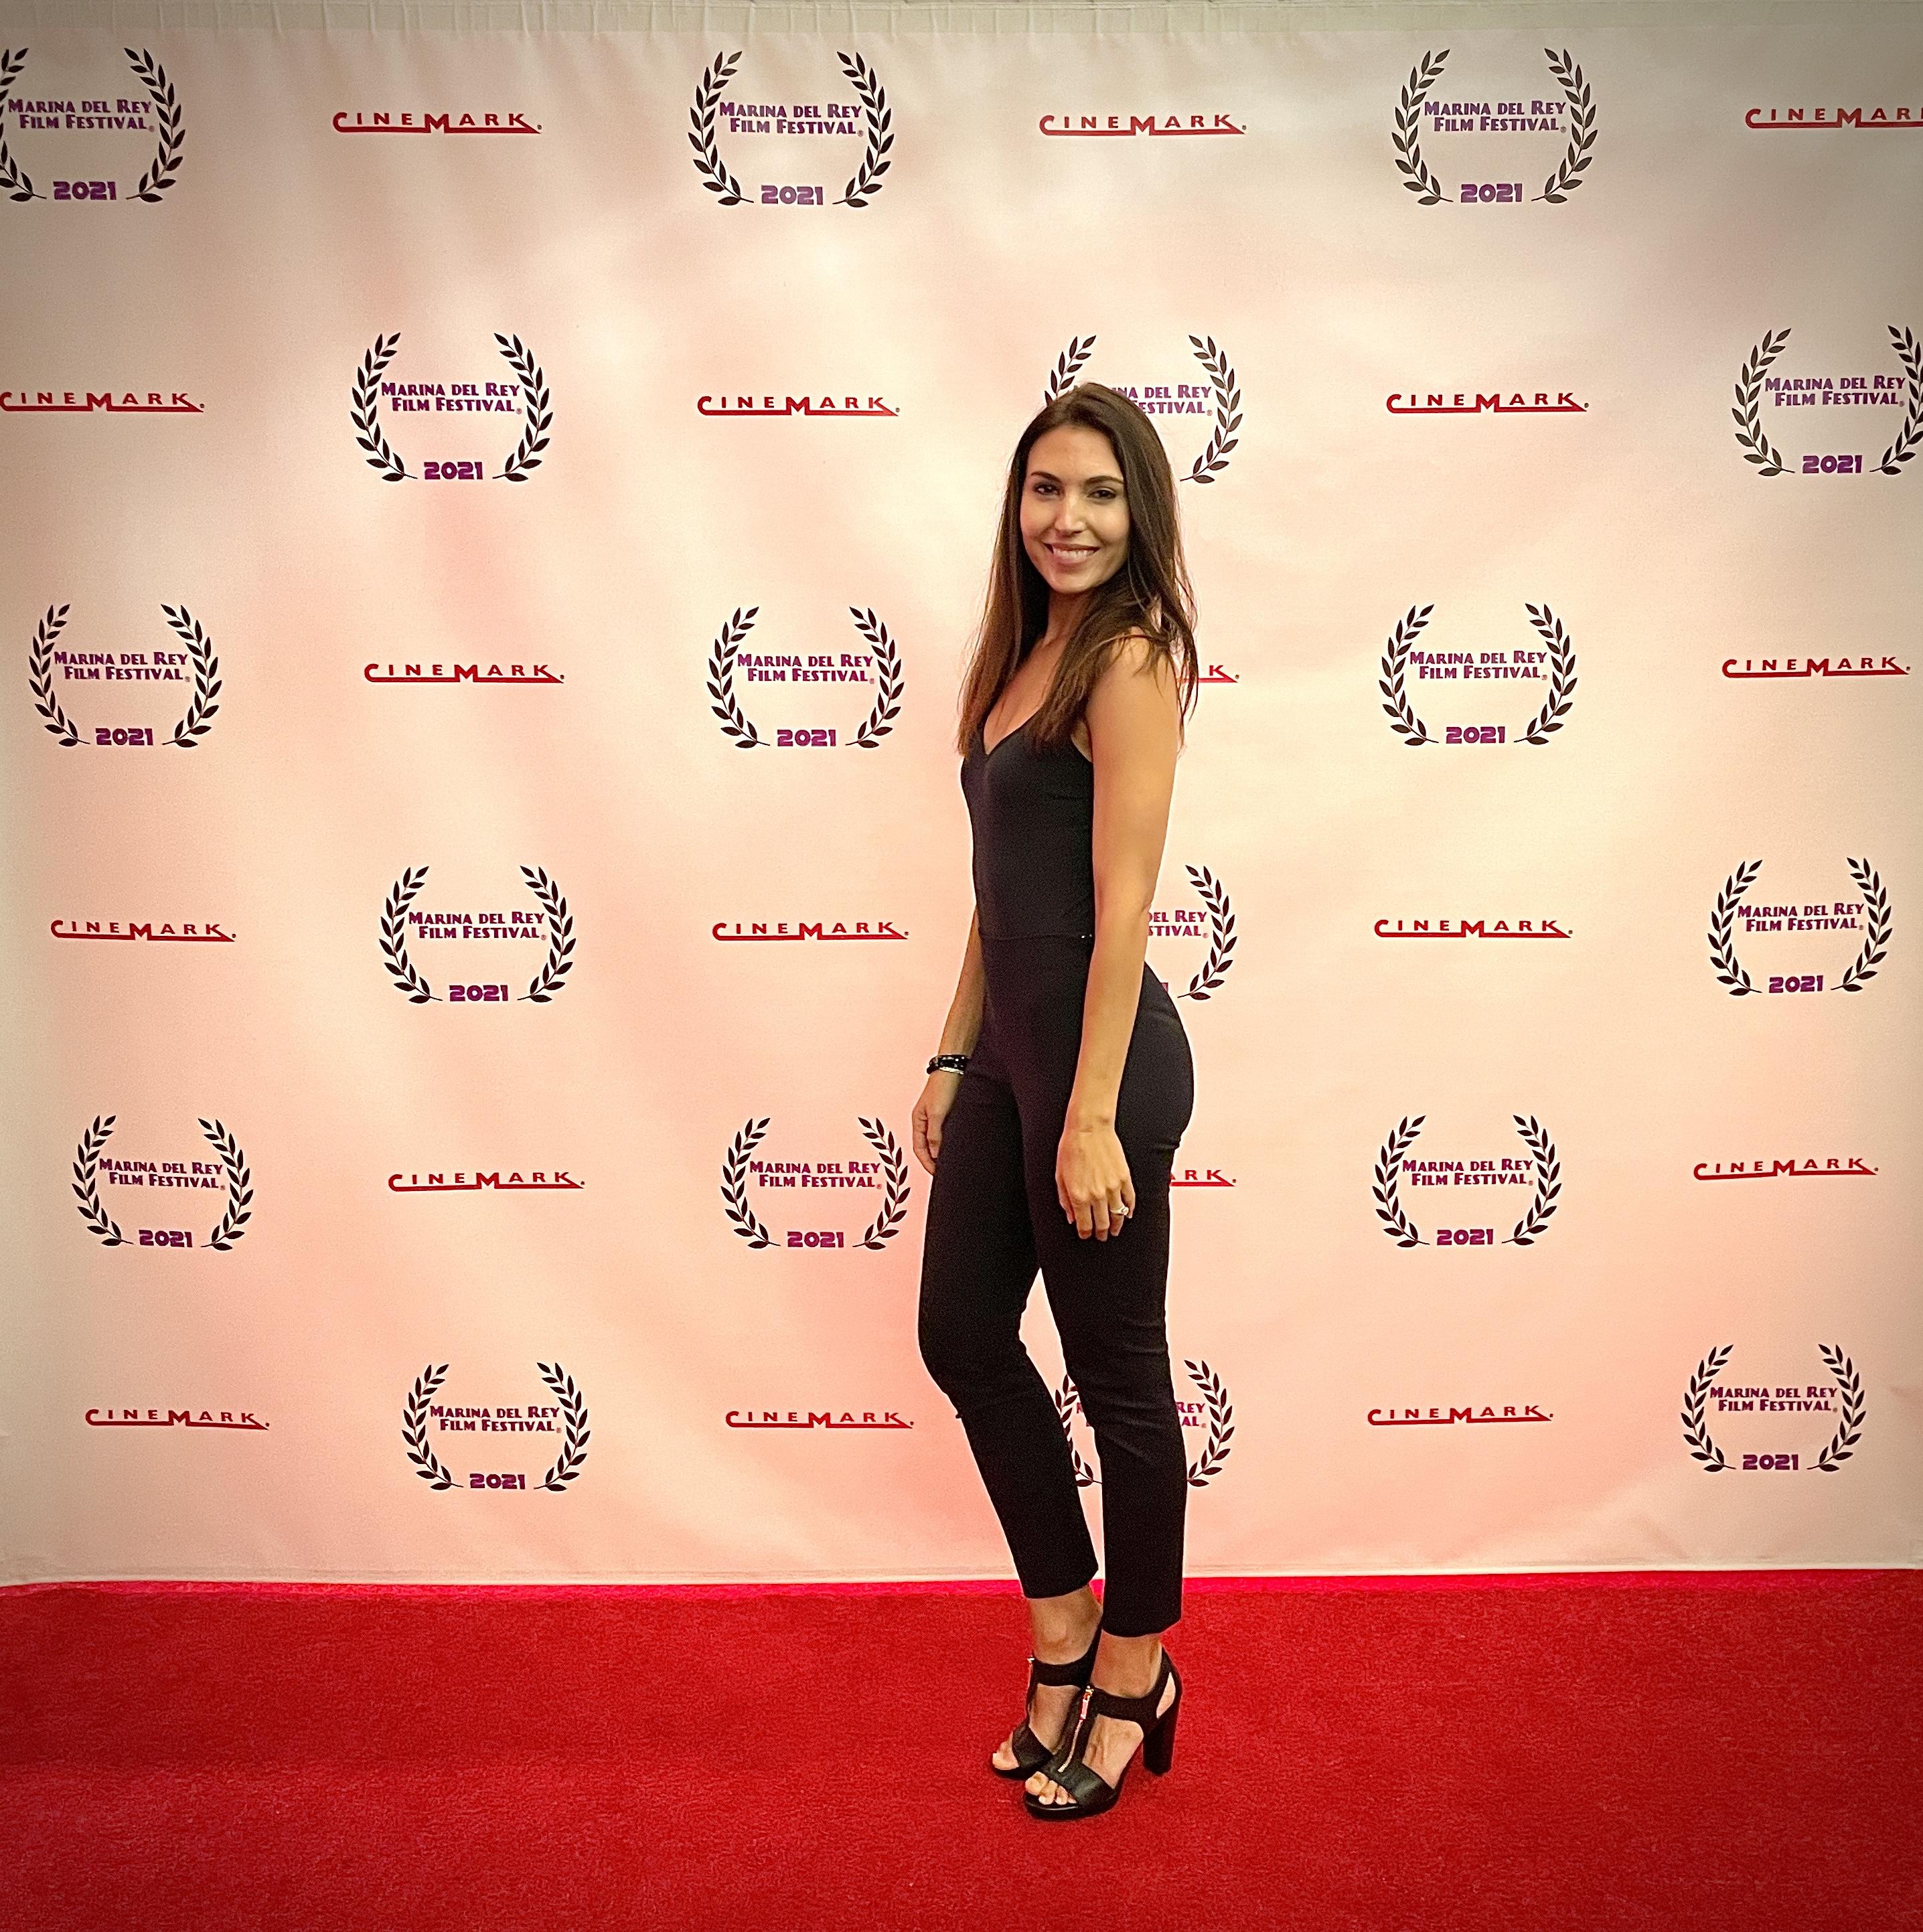 Liesel attends Marina Del Rey Film Festival